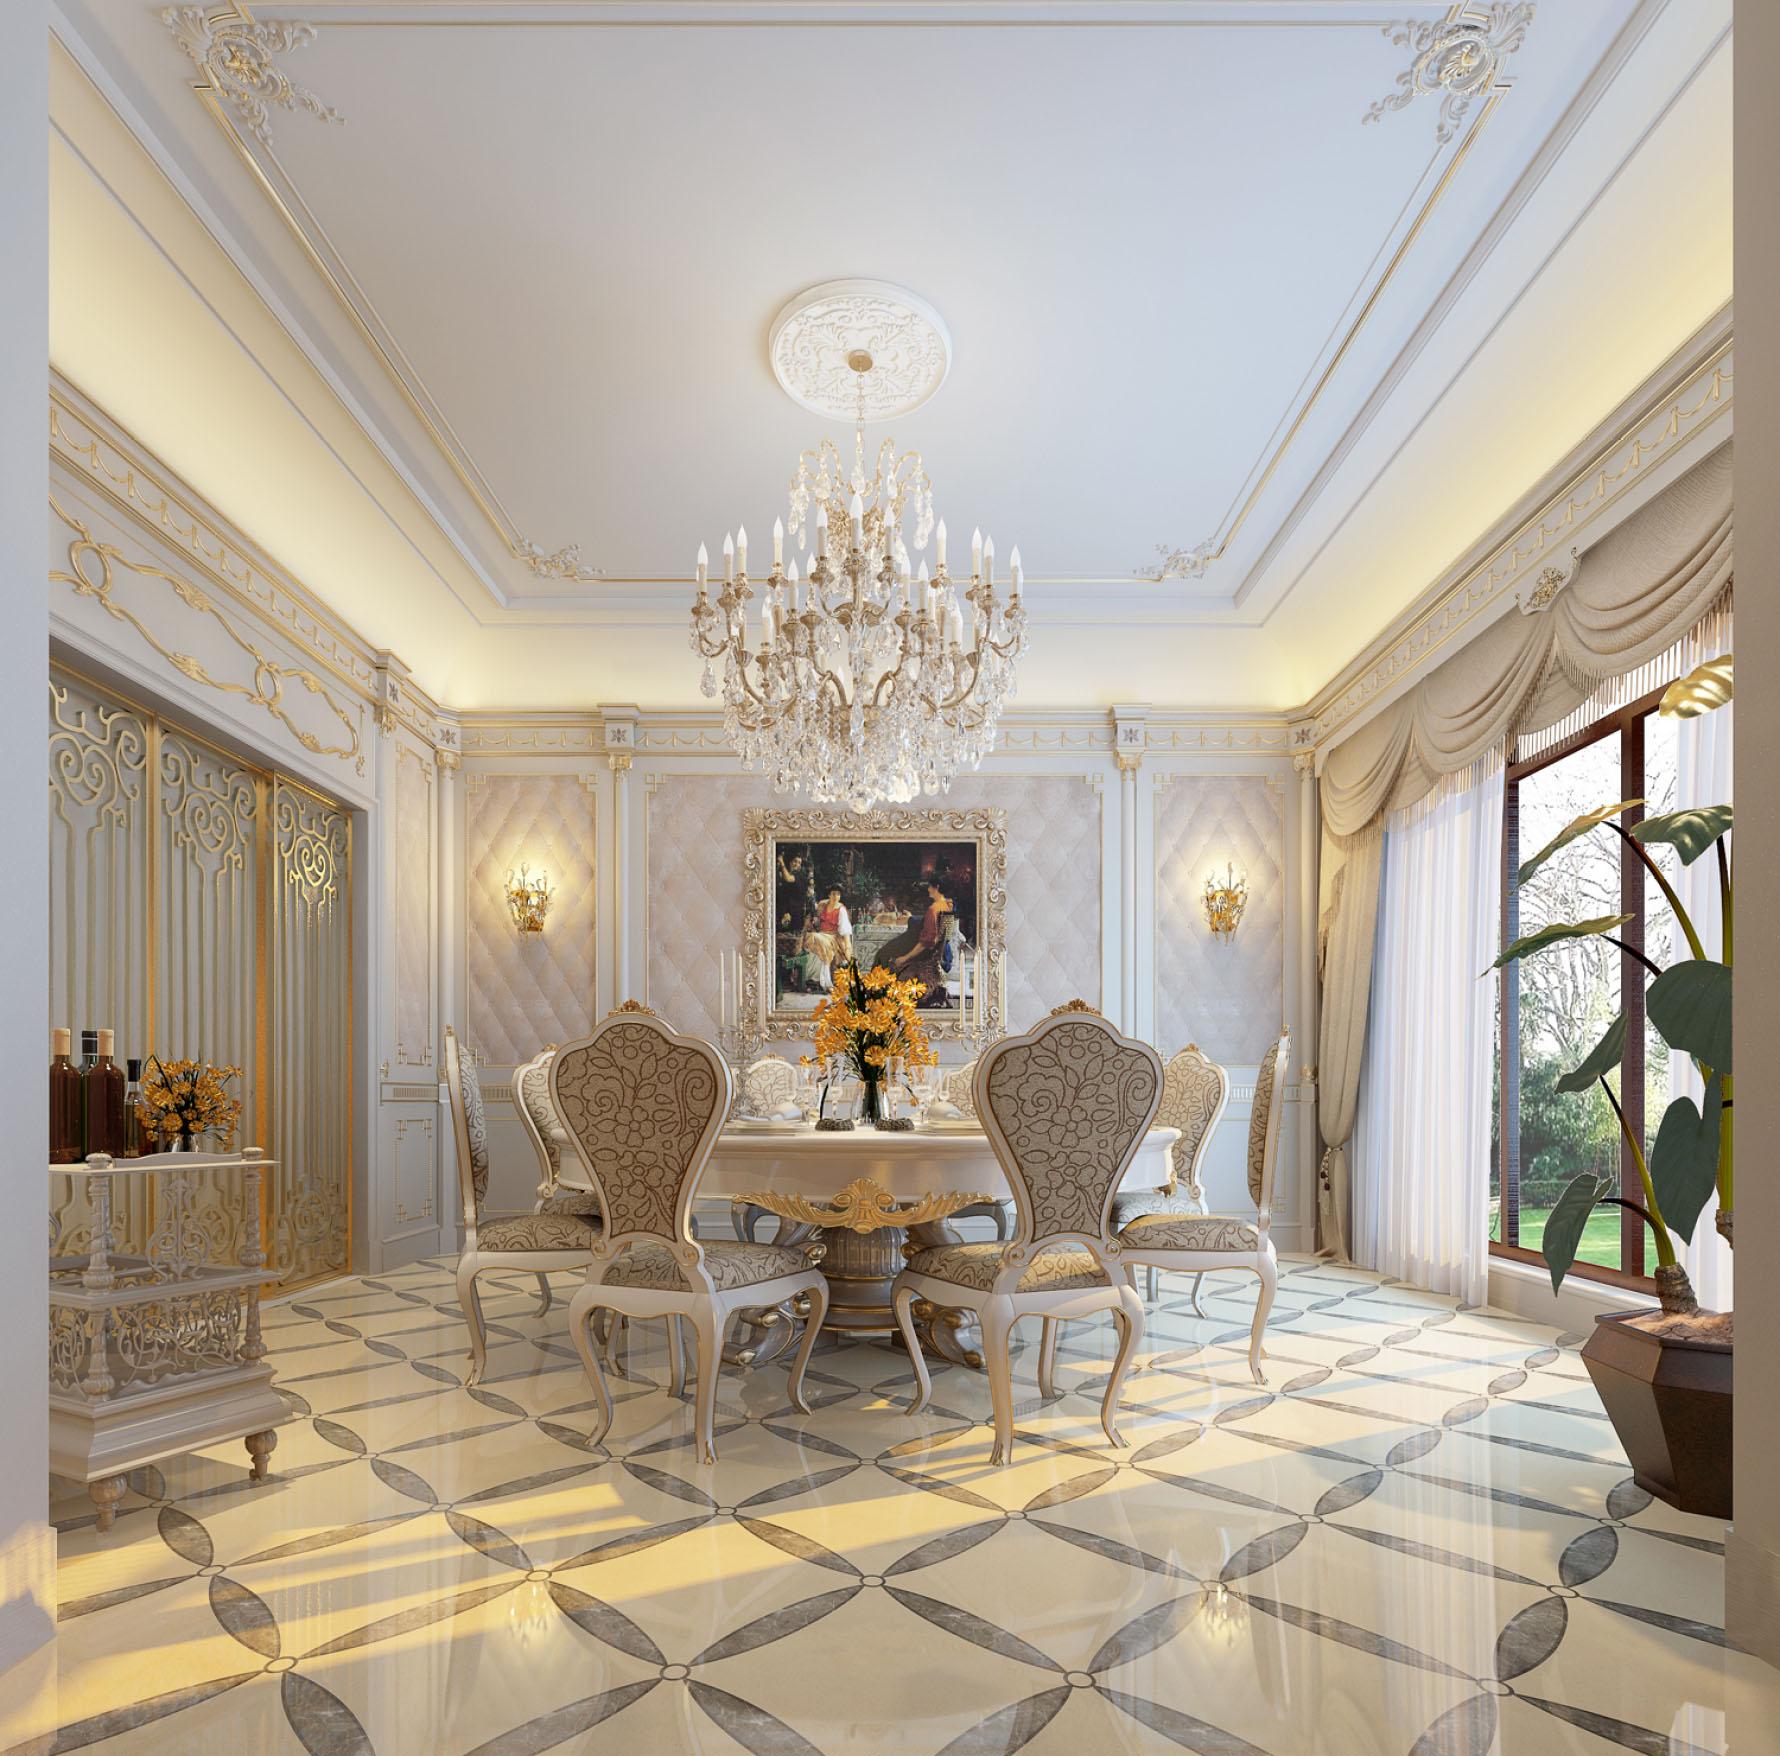 奢华法式别墅餐厅装修效果图